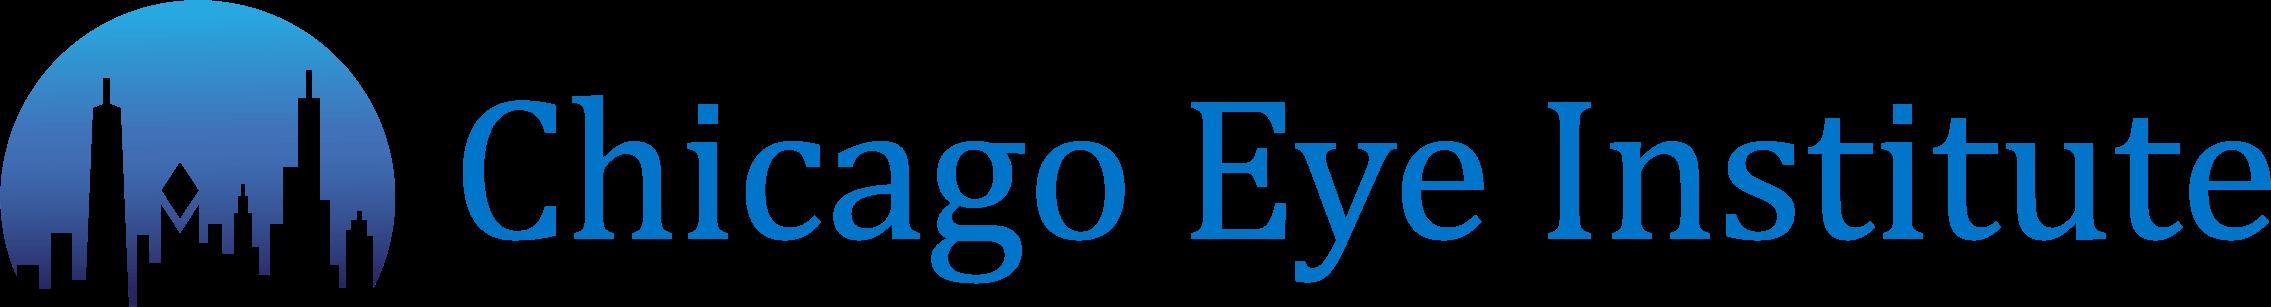 Chicago Eye Institute logo